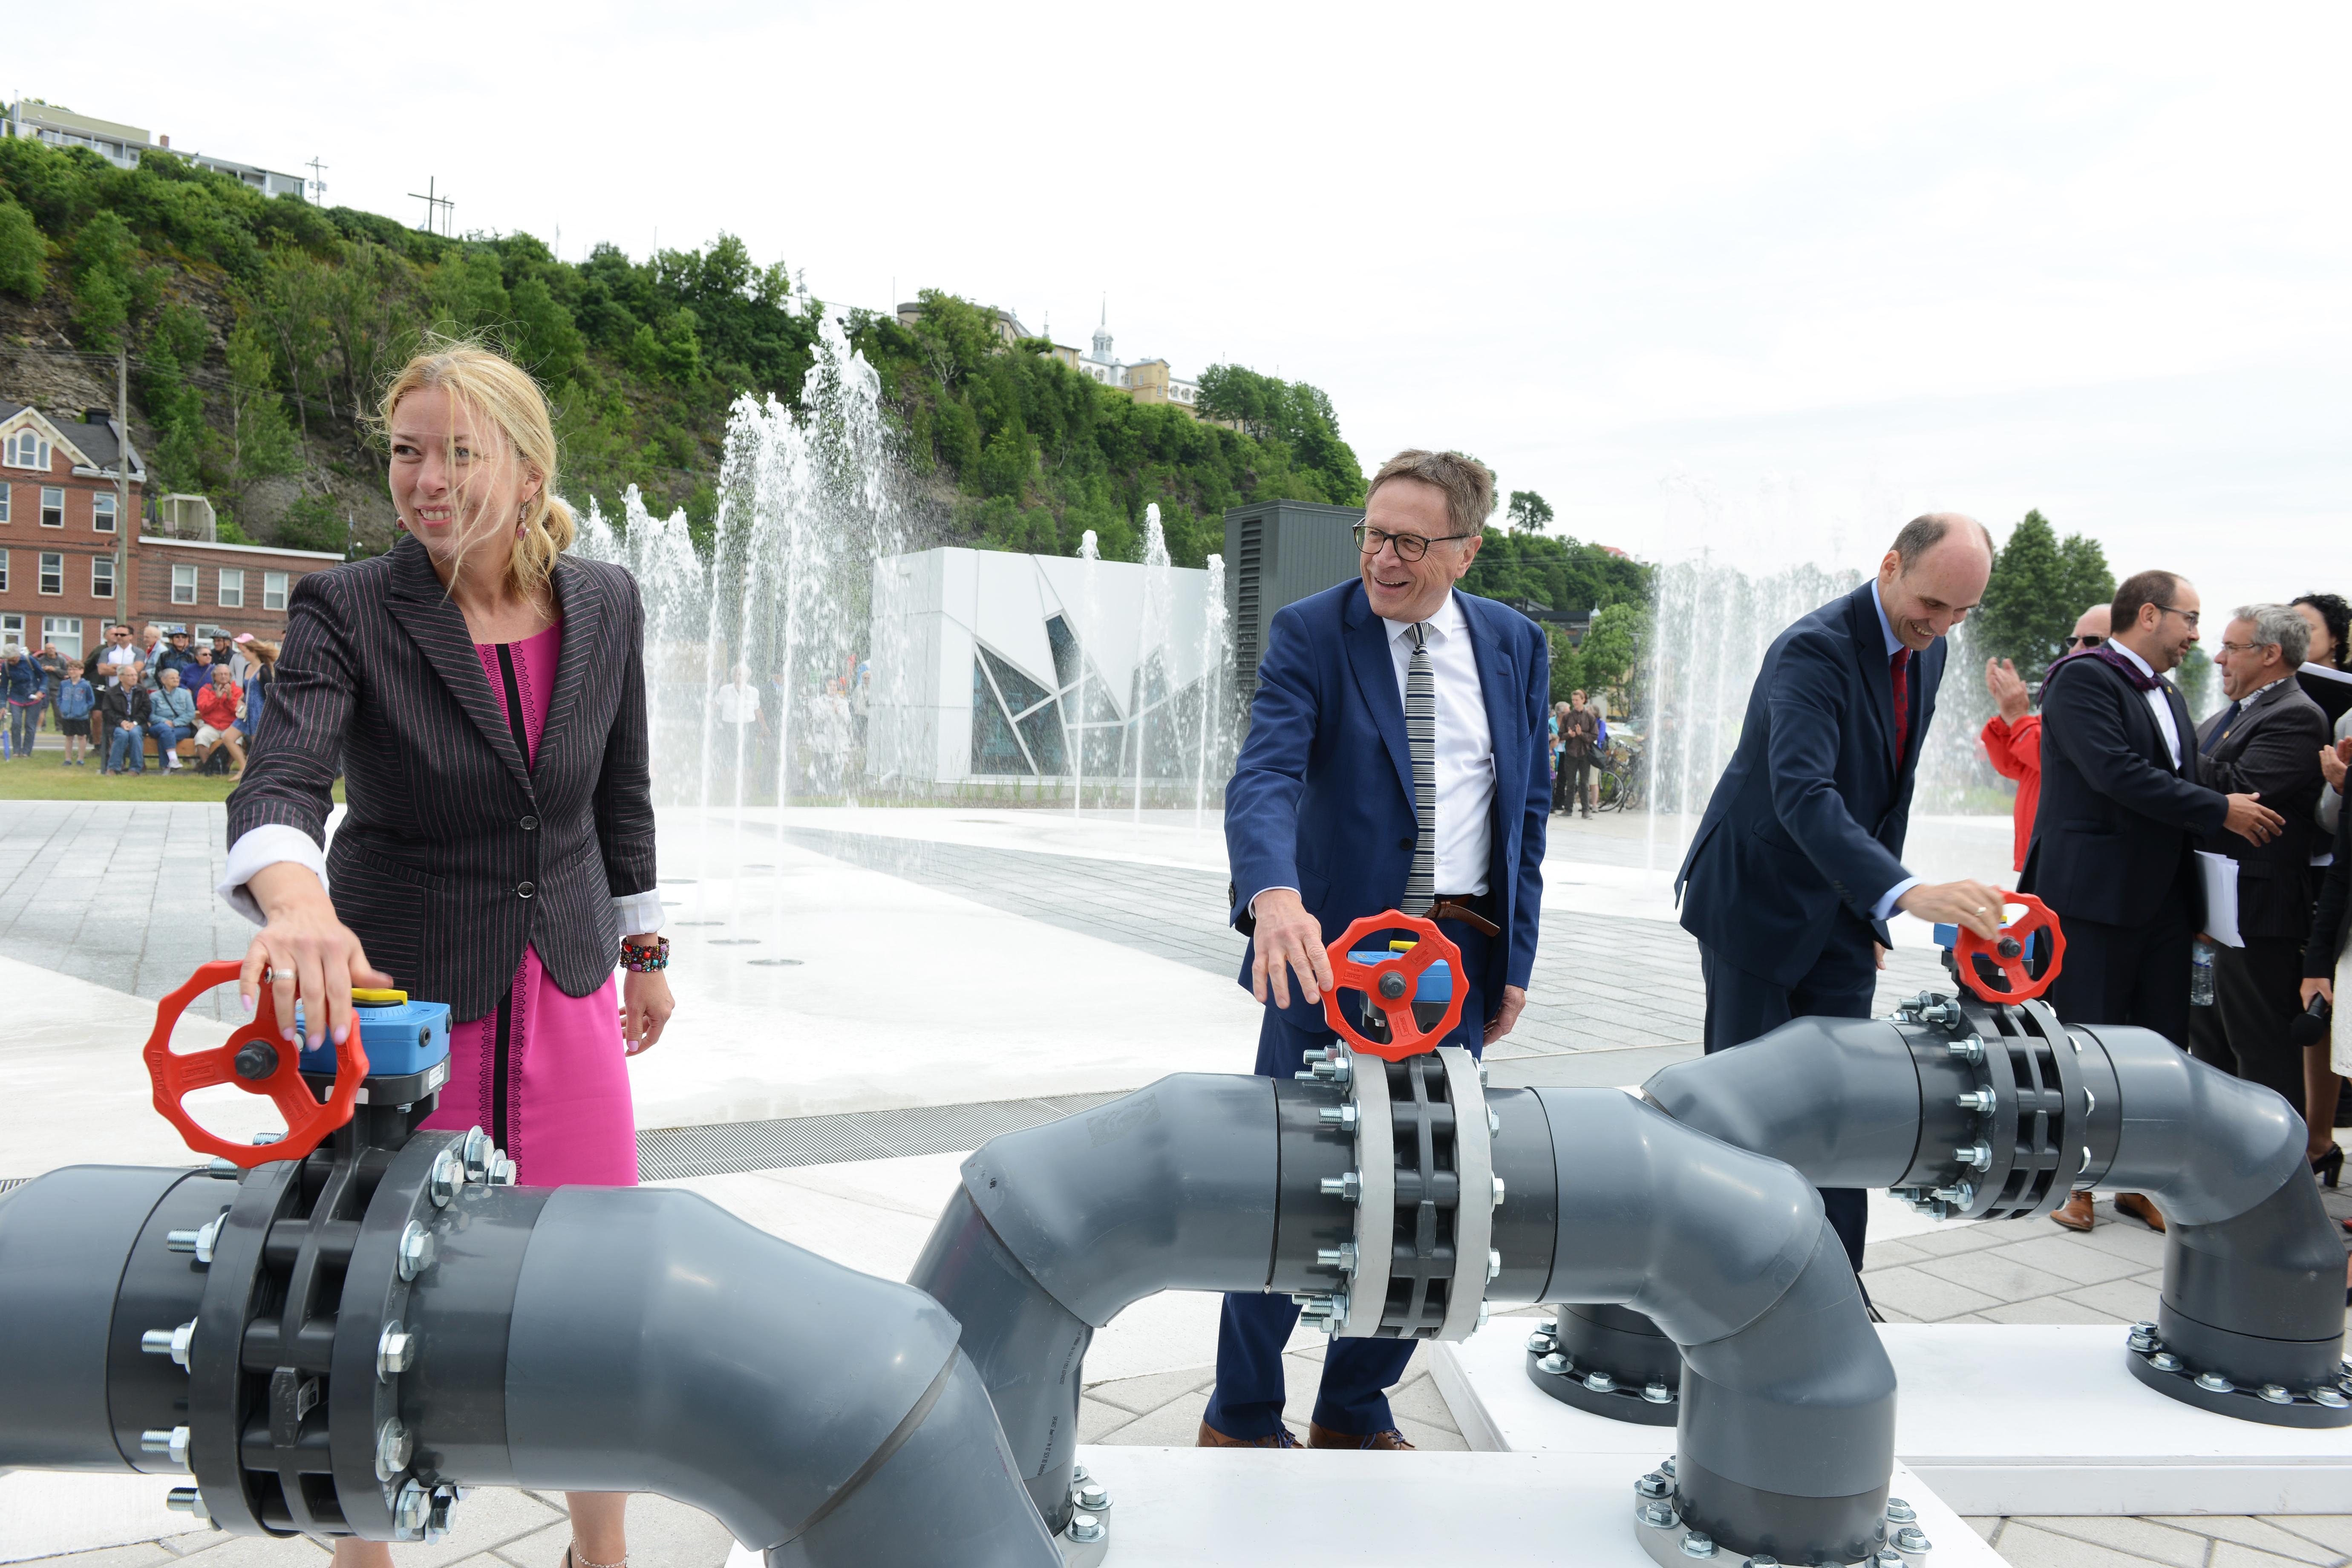 Ouverture des valves - Inauguration Fontaine du Quai Paquet